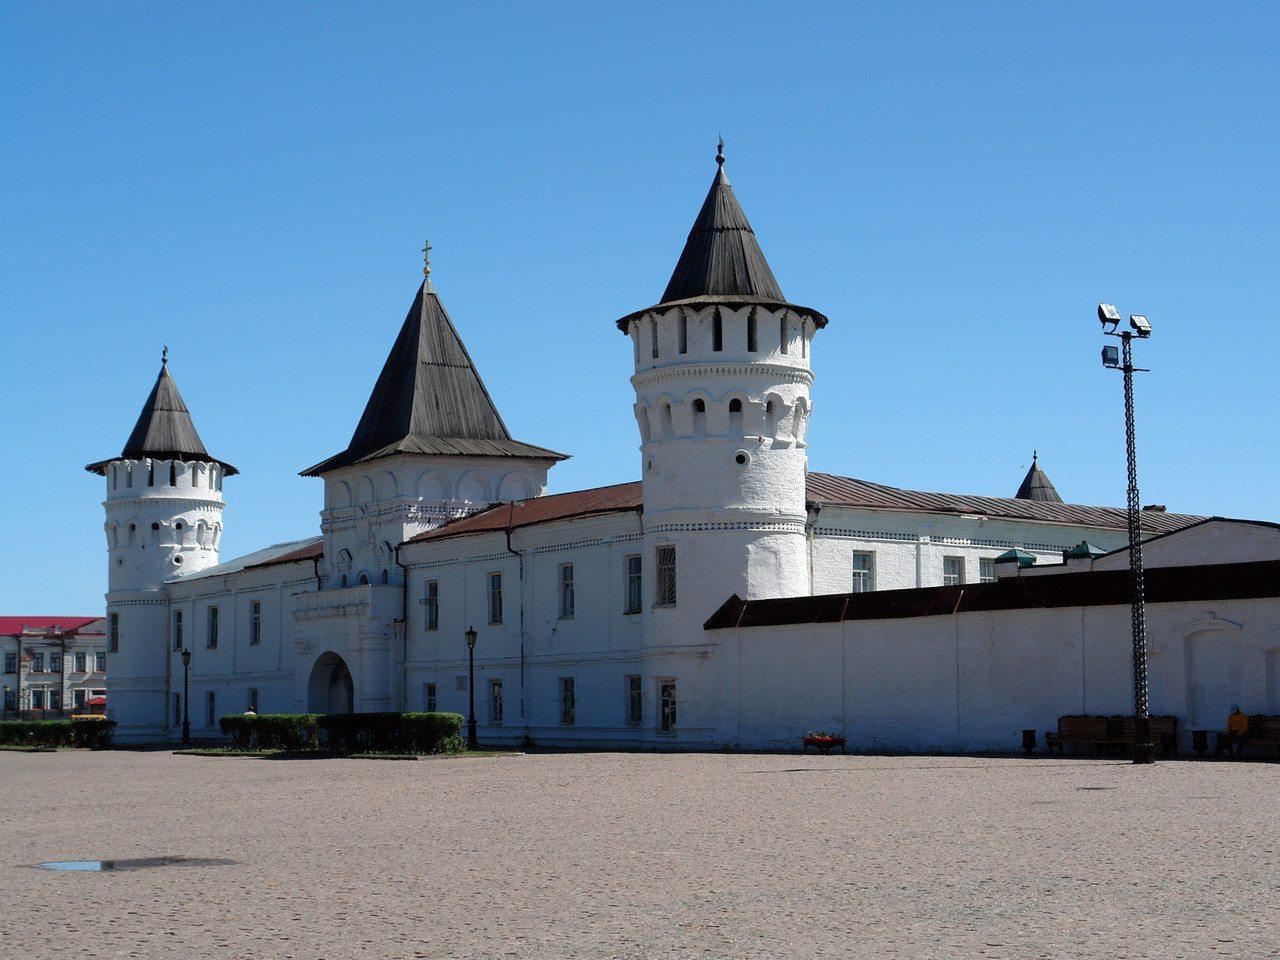 Гостиный двор, Тобольский кремль, Тобольск, Тюменская область